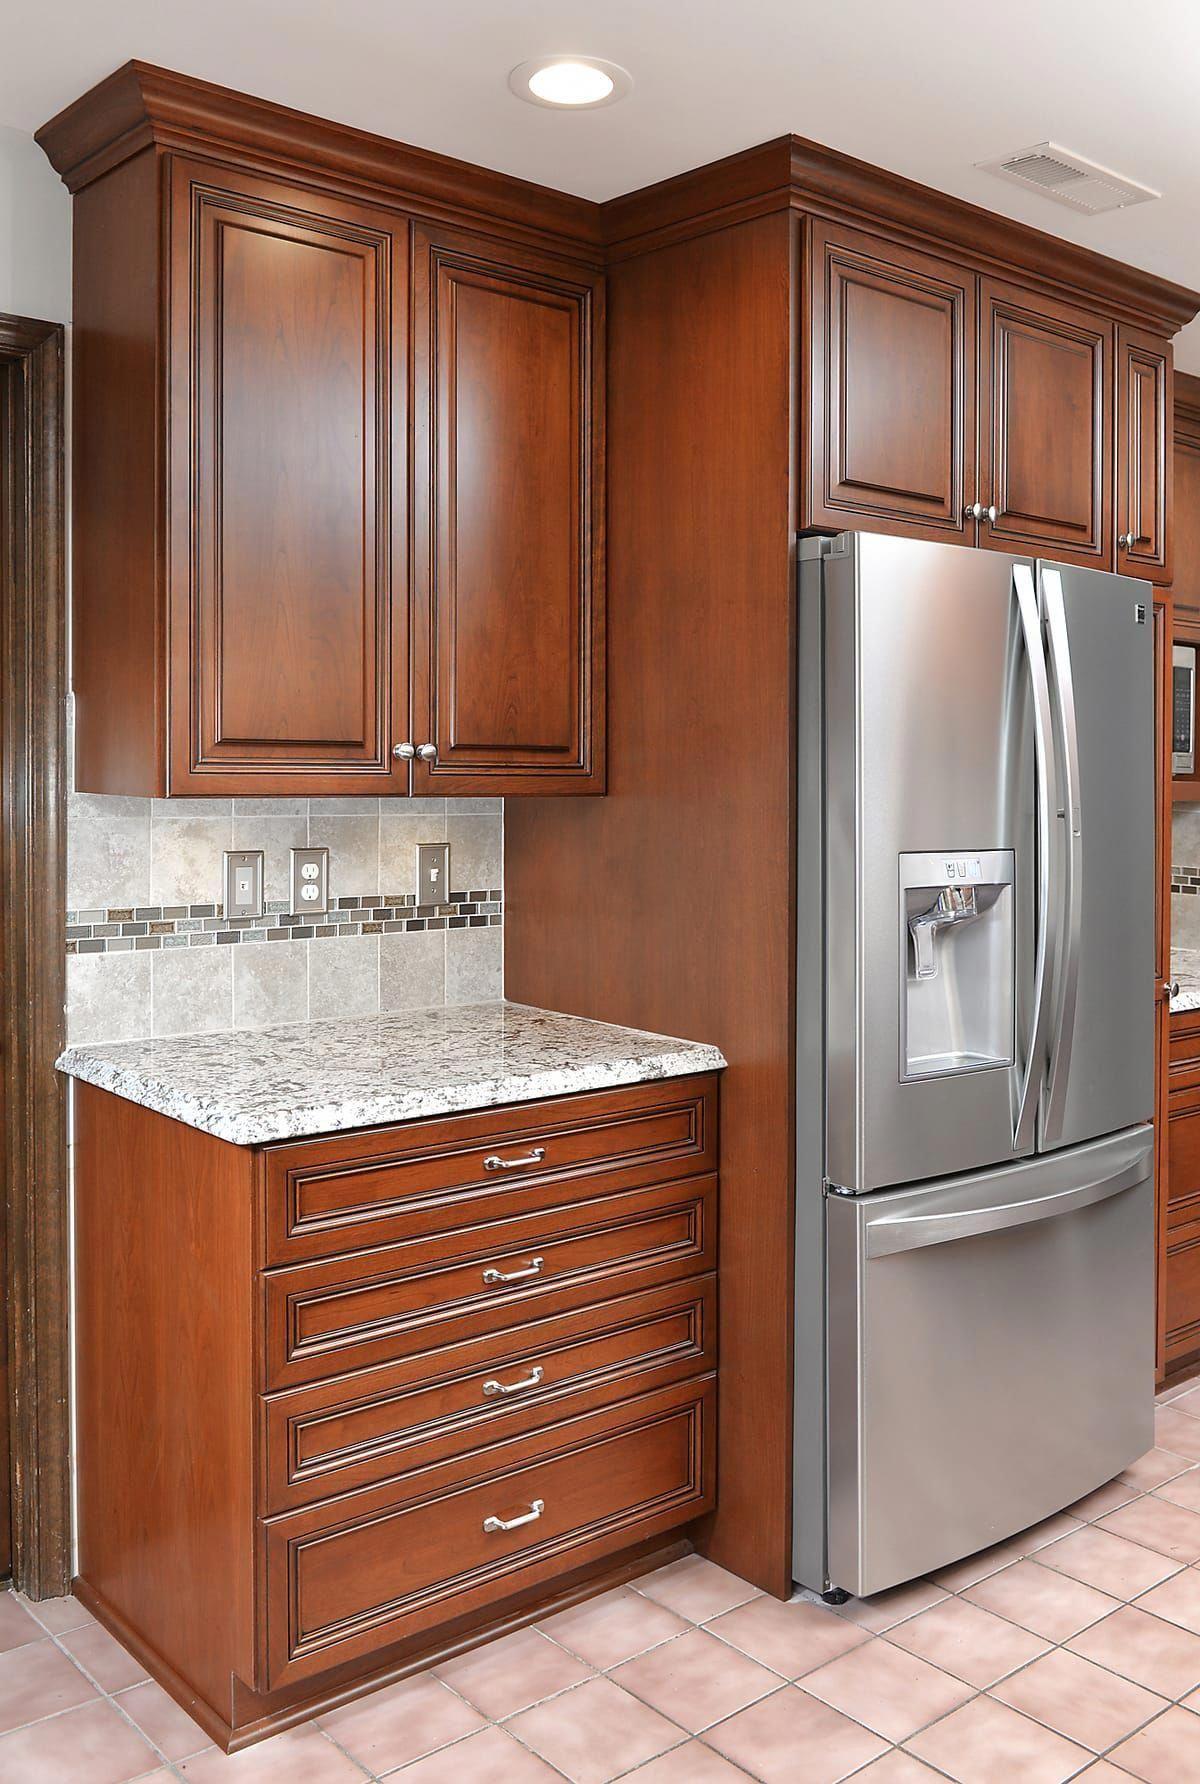 Cocina Test1 Kitchen Cupboard Designs Traditional Kitchen Design Kitchen Furniture Design